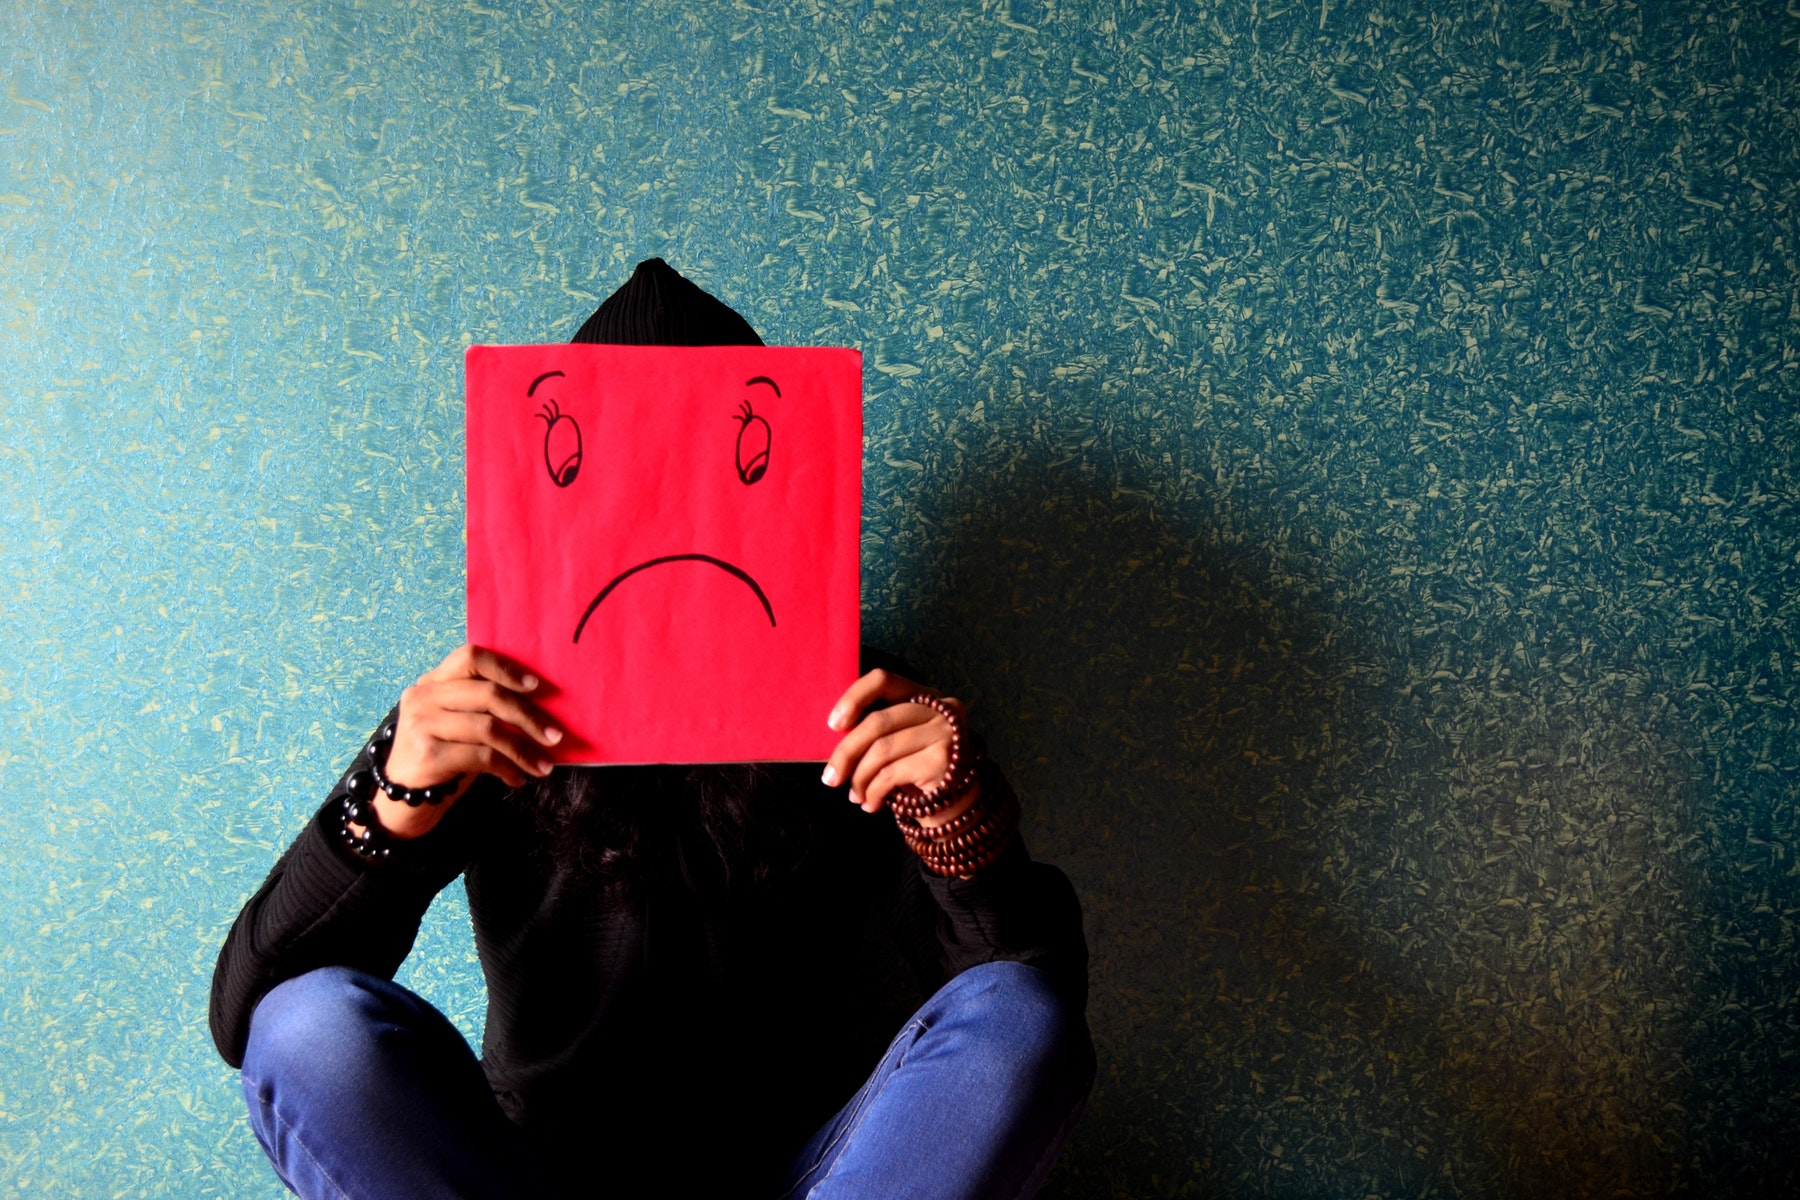 dårlig selvtillid, mindreværd, usikkerhed, usikker, kvinder, ungdom, shopping, følelser, mobilspil, covet fashion